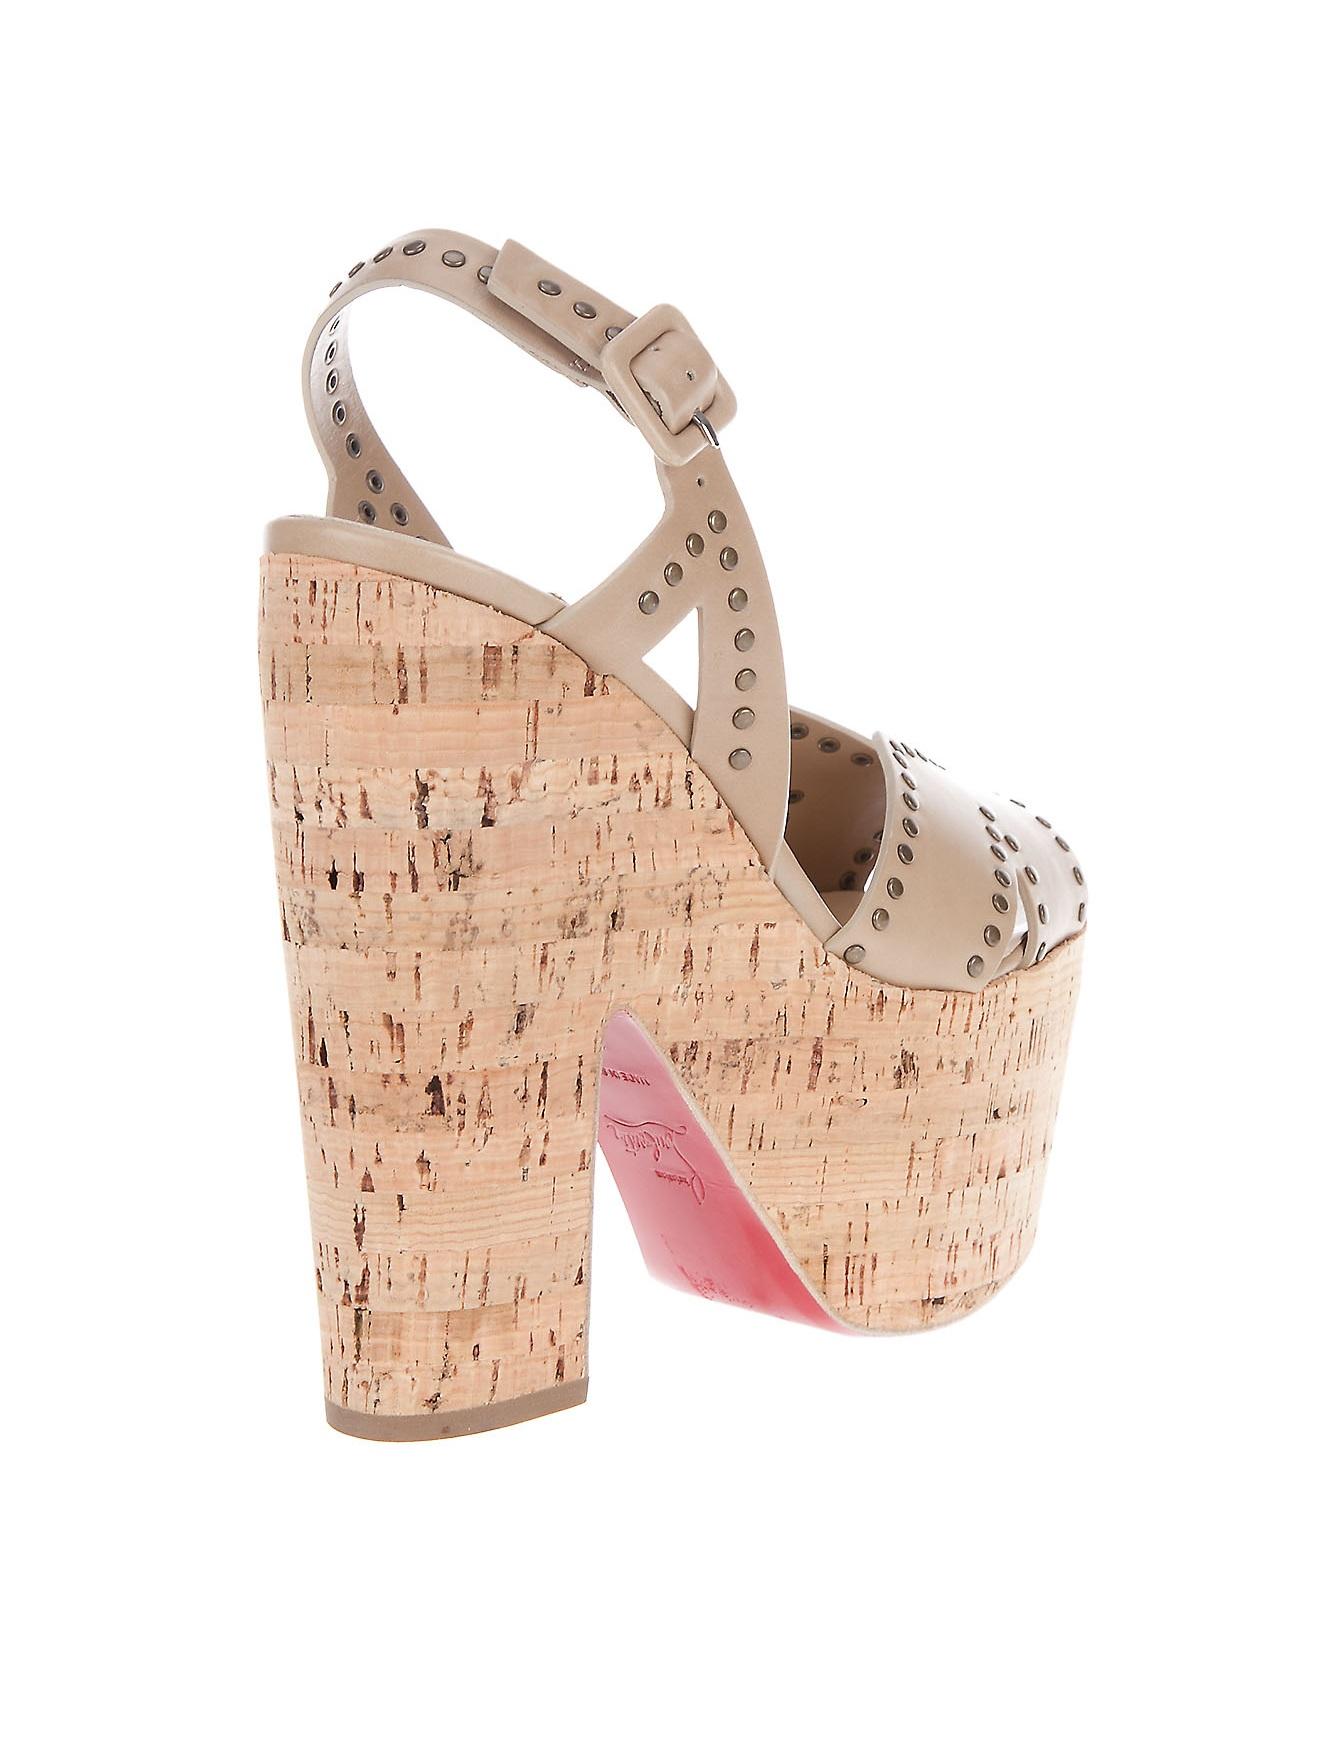 christian louboutin wedge slingback sandals Beige cork | cosmetics ...